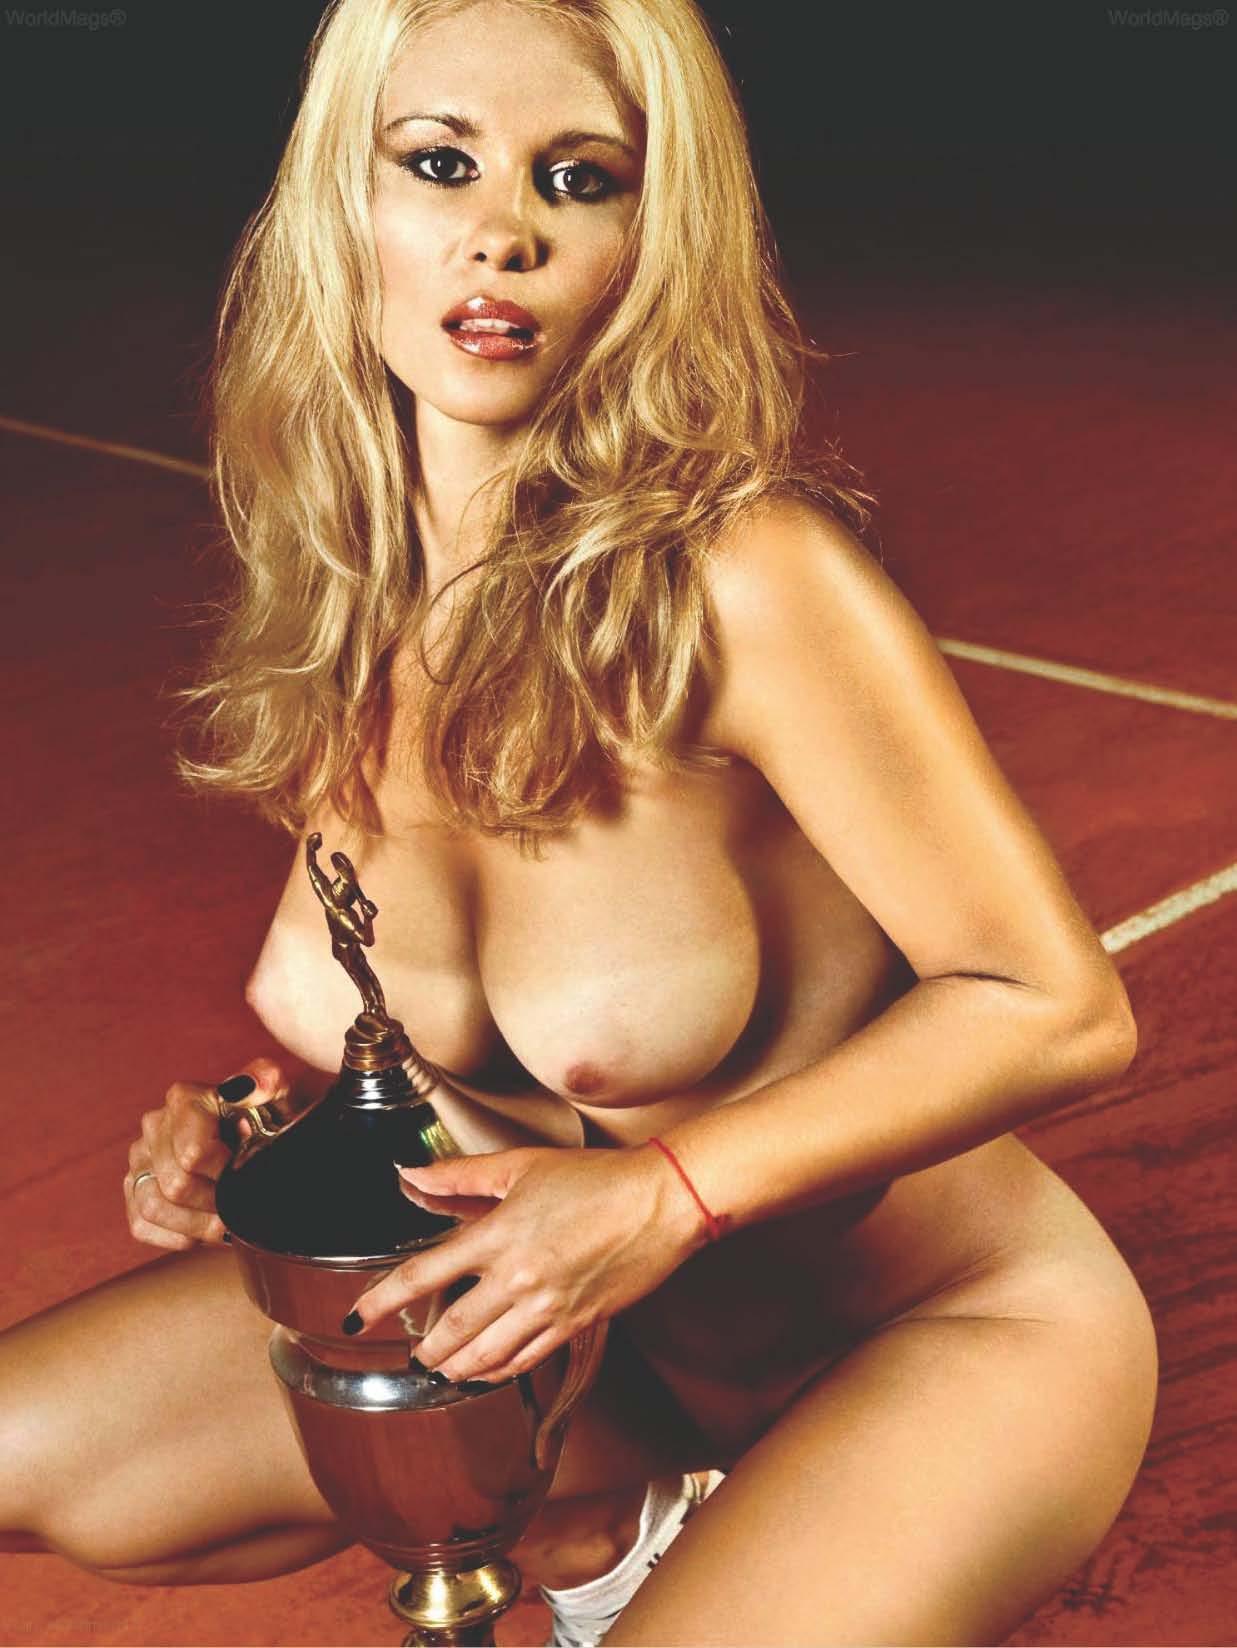 00058_KarolinaJovanovic_PlayboySeptember20109_2010Serbia_09_123_237lo.jpg